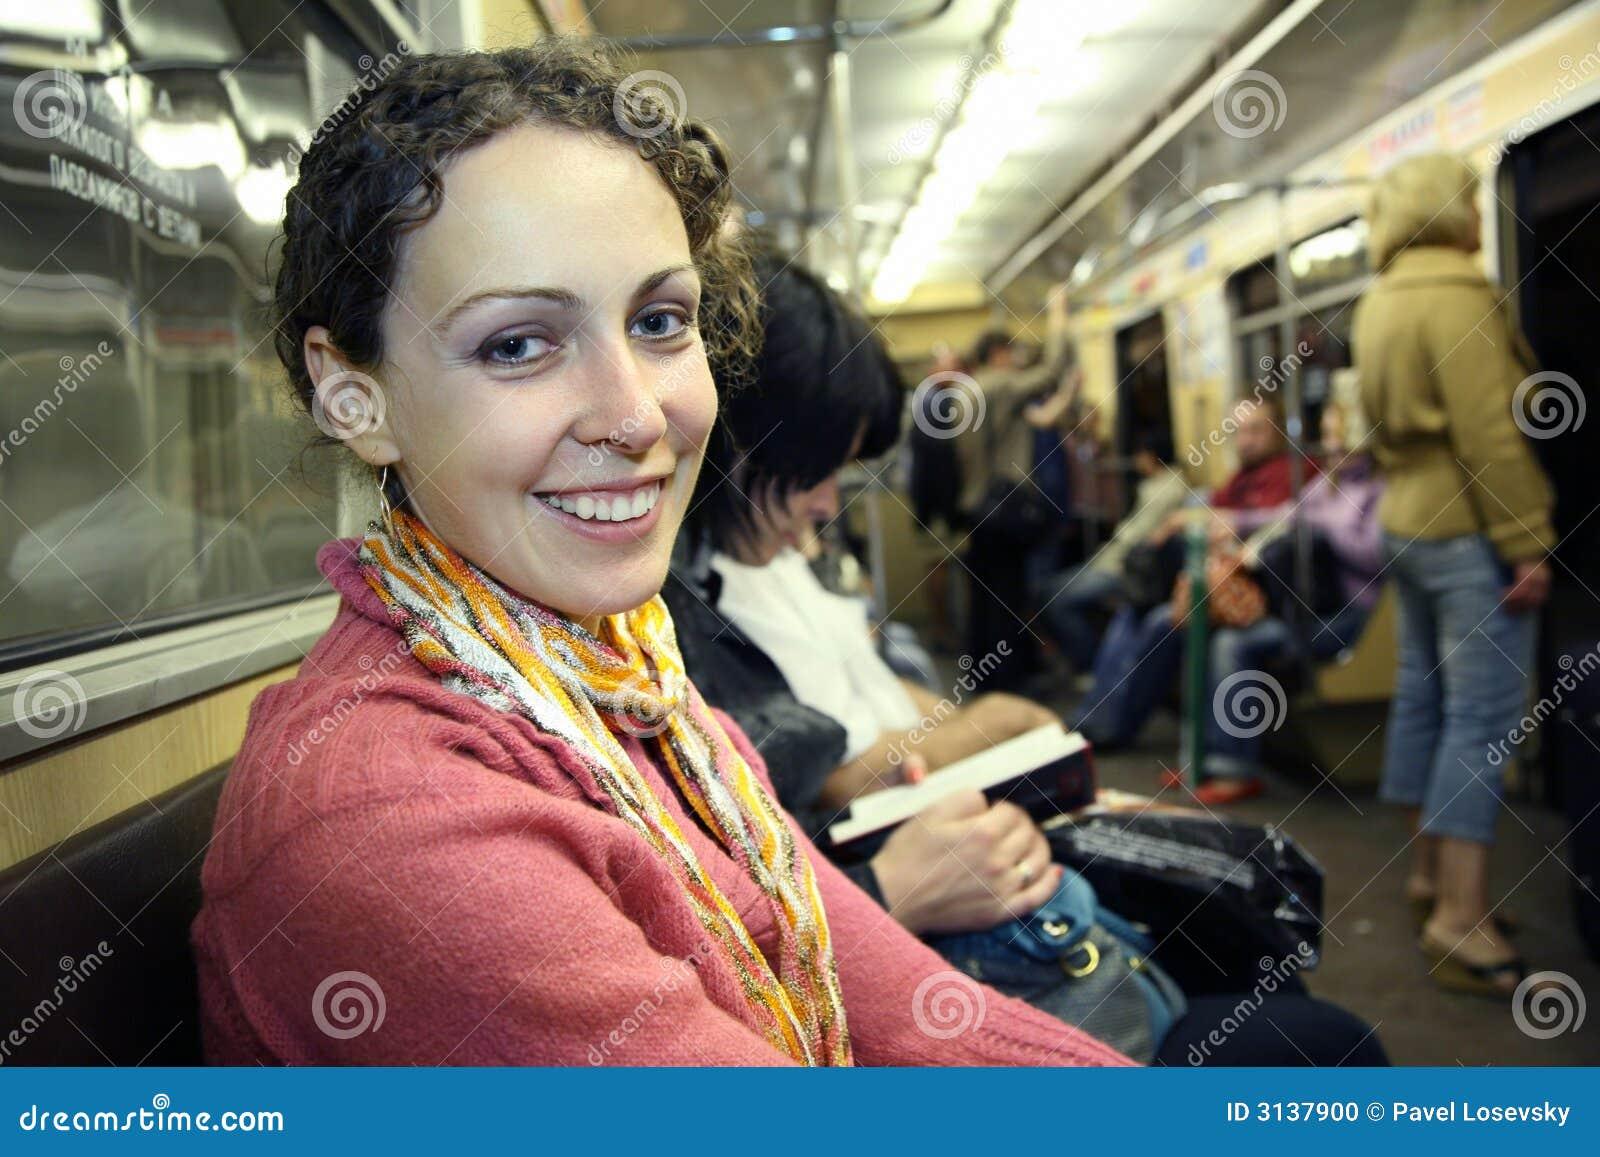 Ragazza in metropolitana del sottopassaggio